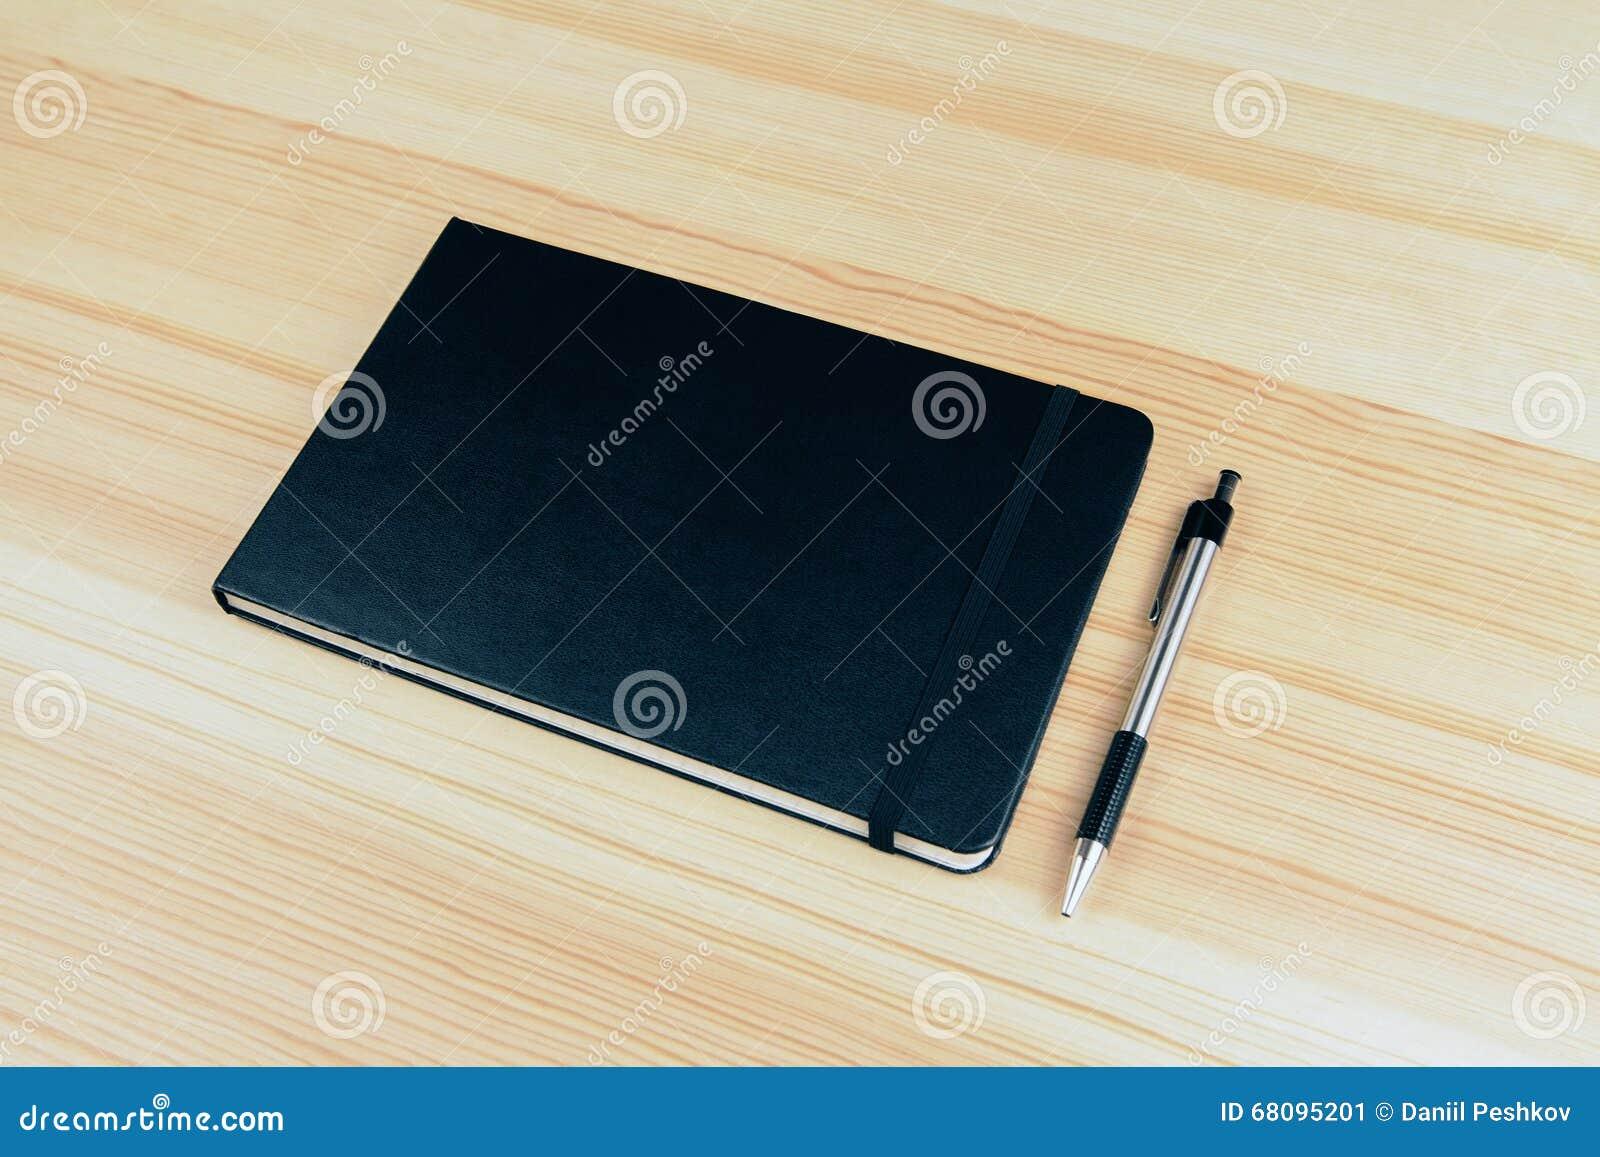 Copertura In Legno Bianco : Copertura in bianco del taccuino con la penna sulla tavola di legno